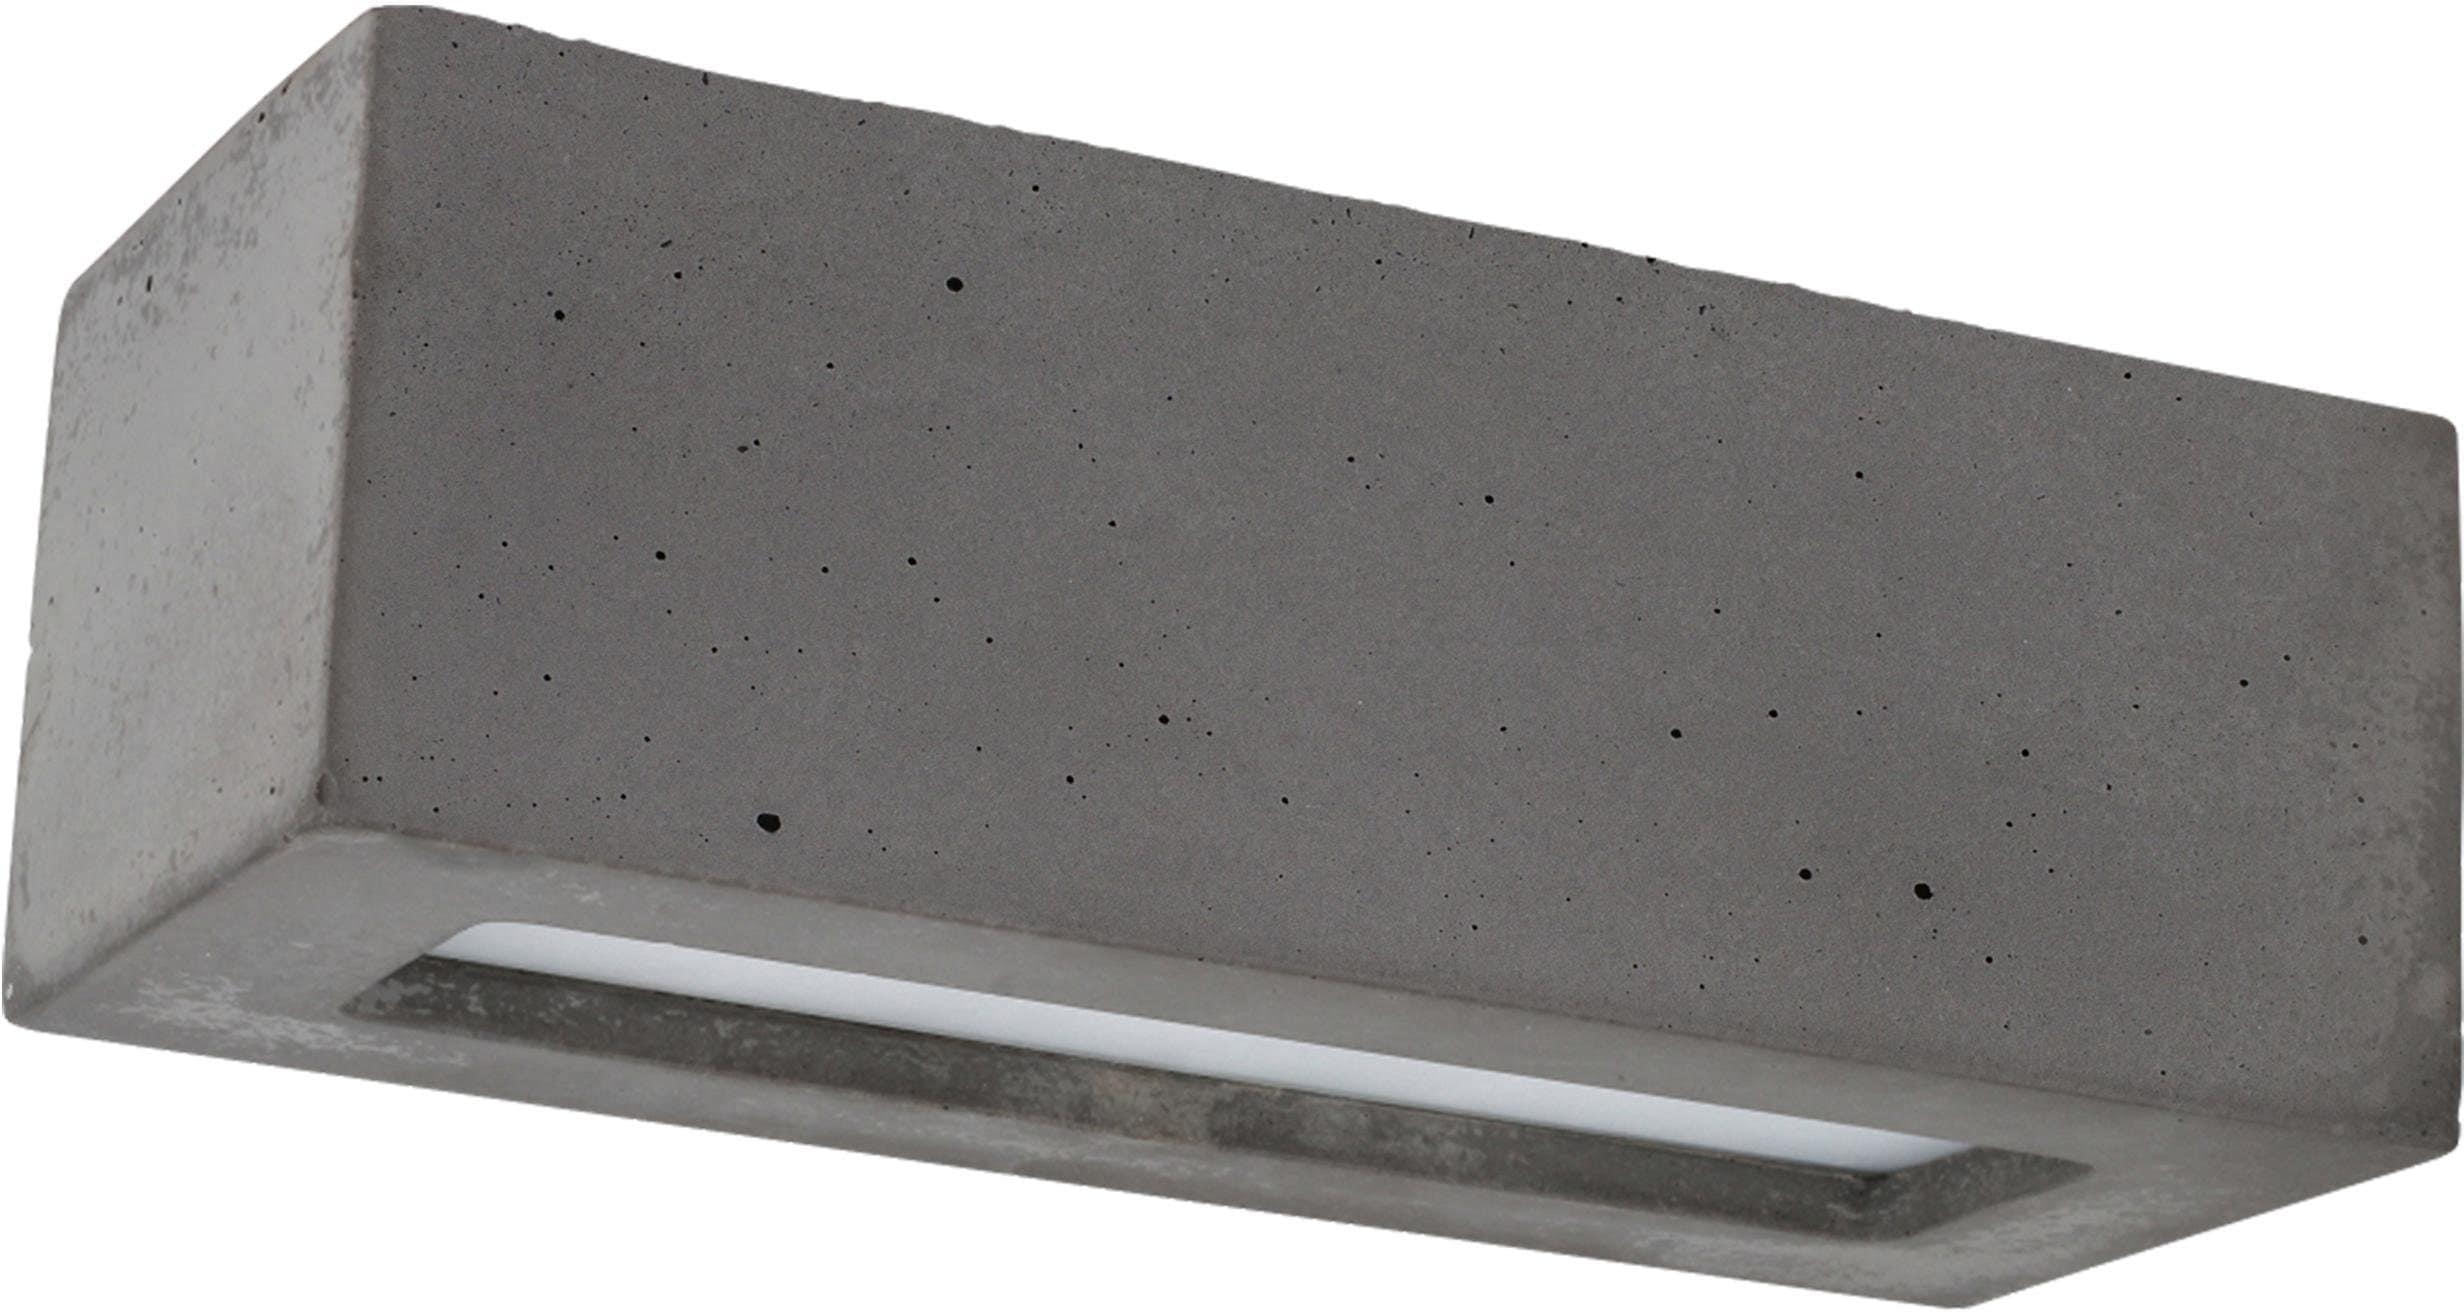 SPOT Light Wandleuchte BLOCK, E27, Naturprodukt aus echtem Beton, Handgefertigt, Made in EU